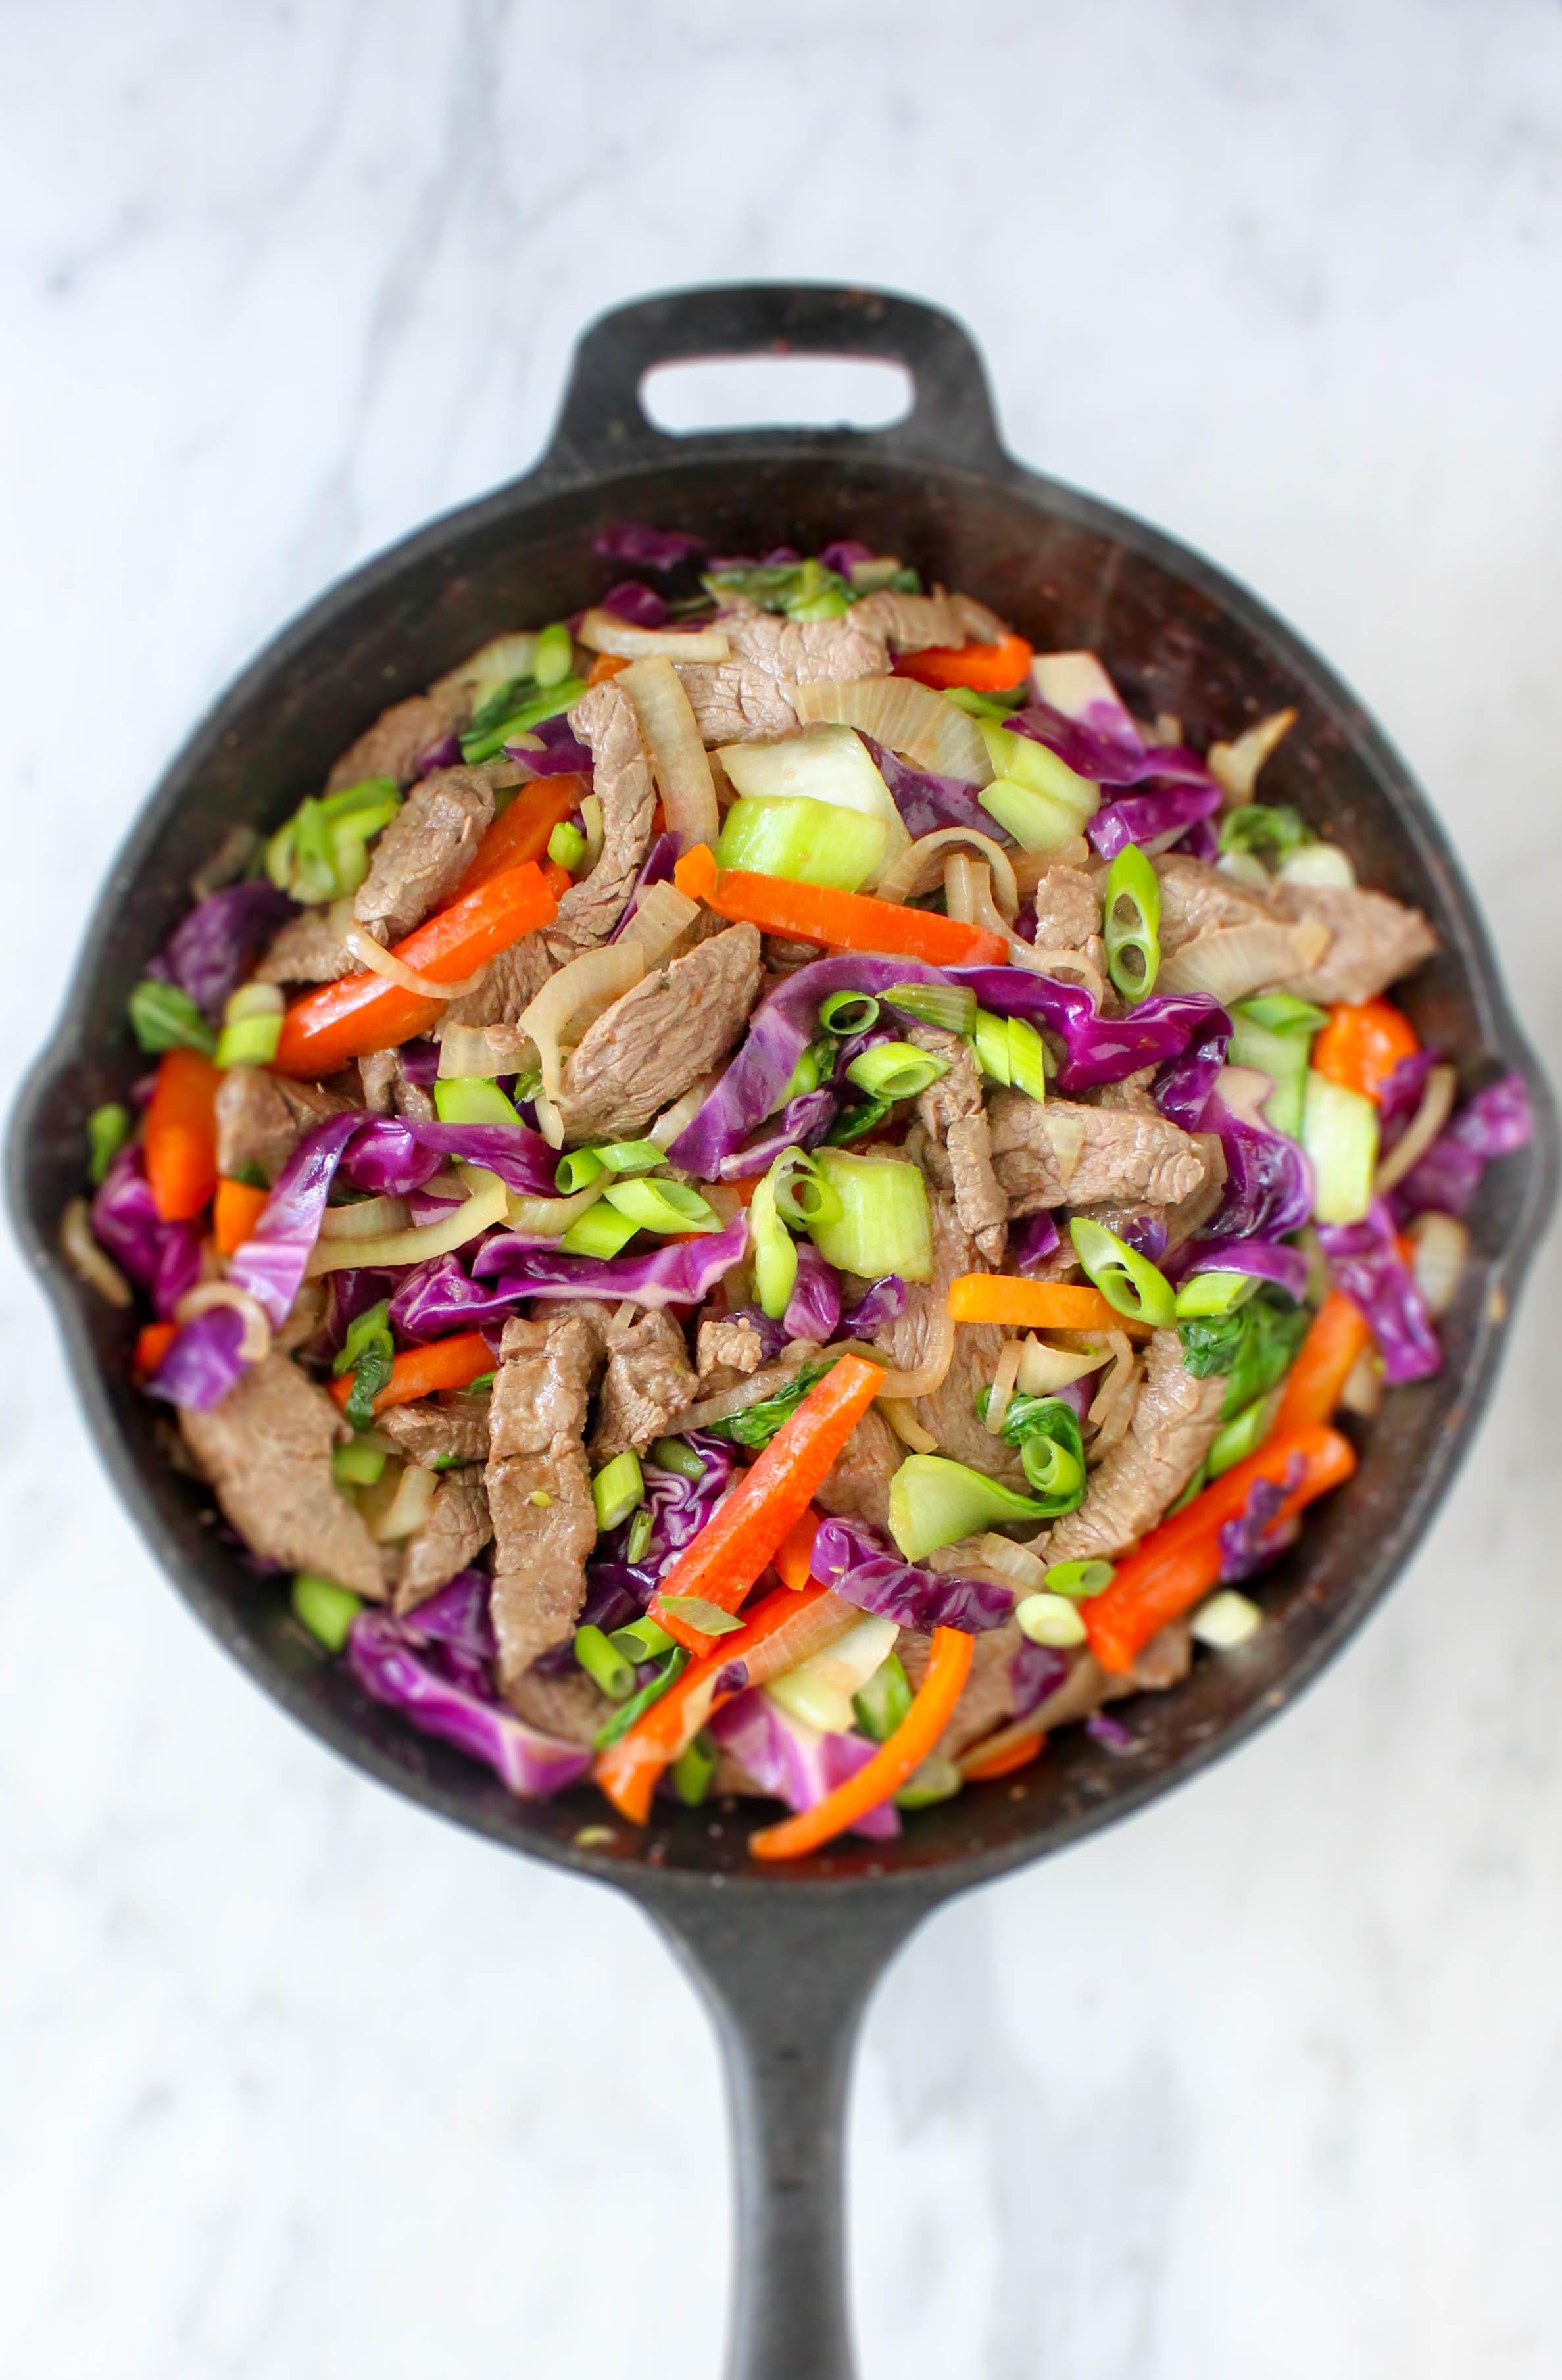 Spicy Coconut Beef & Bok Choy Stir Fry